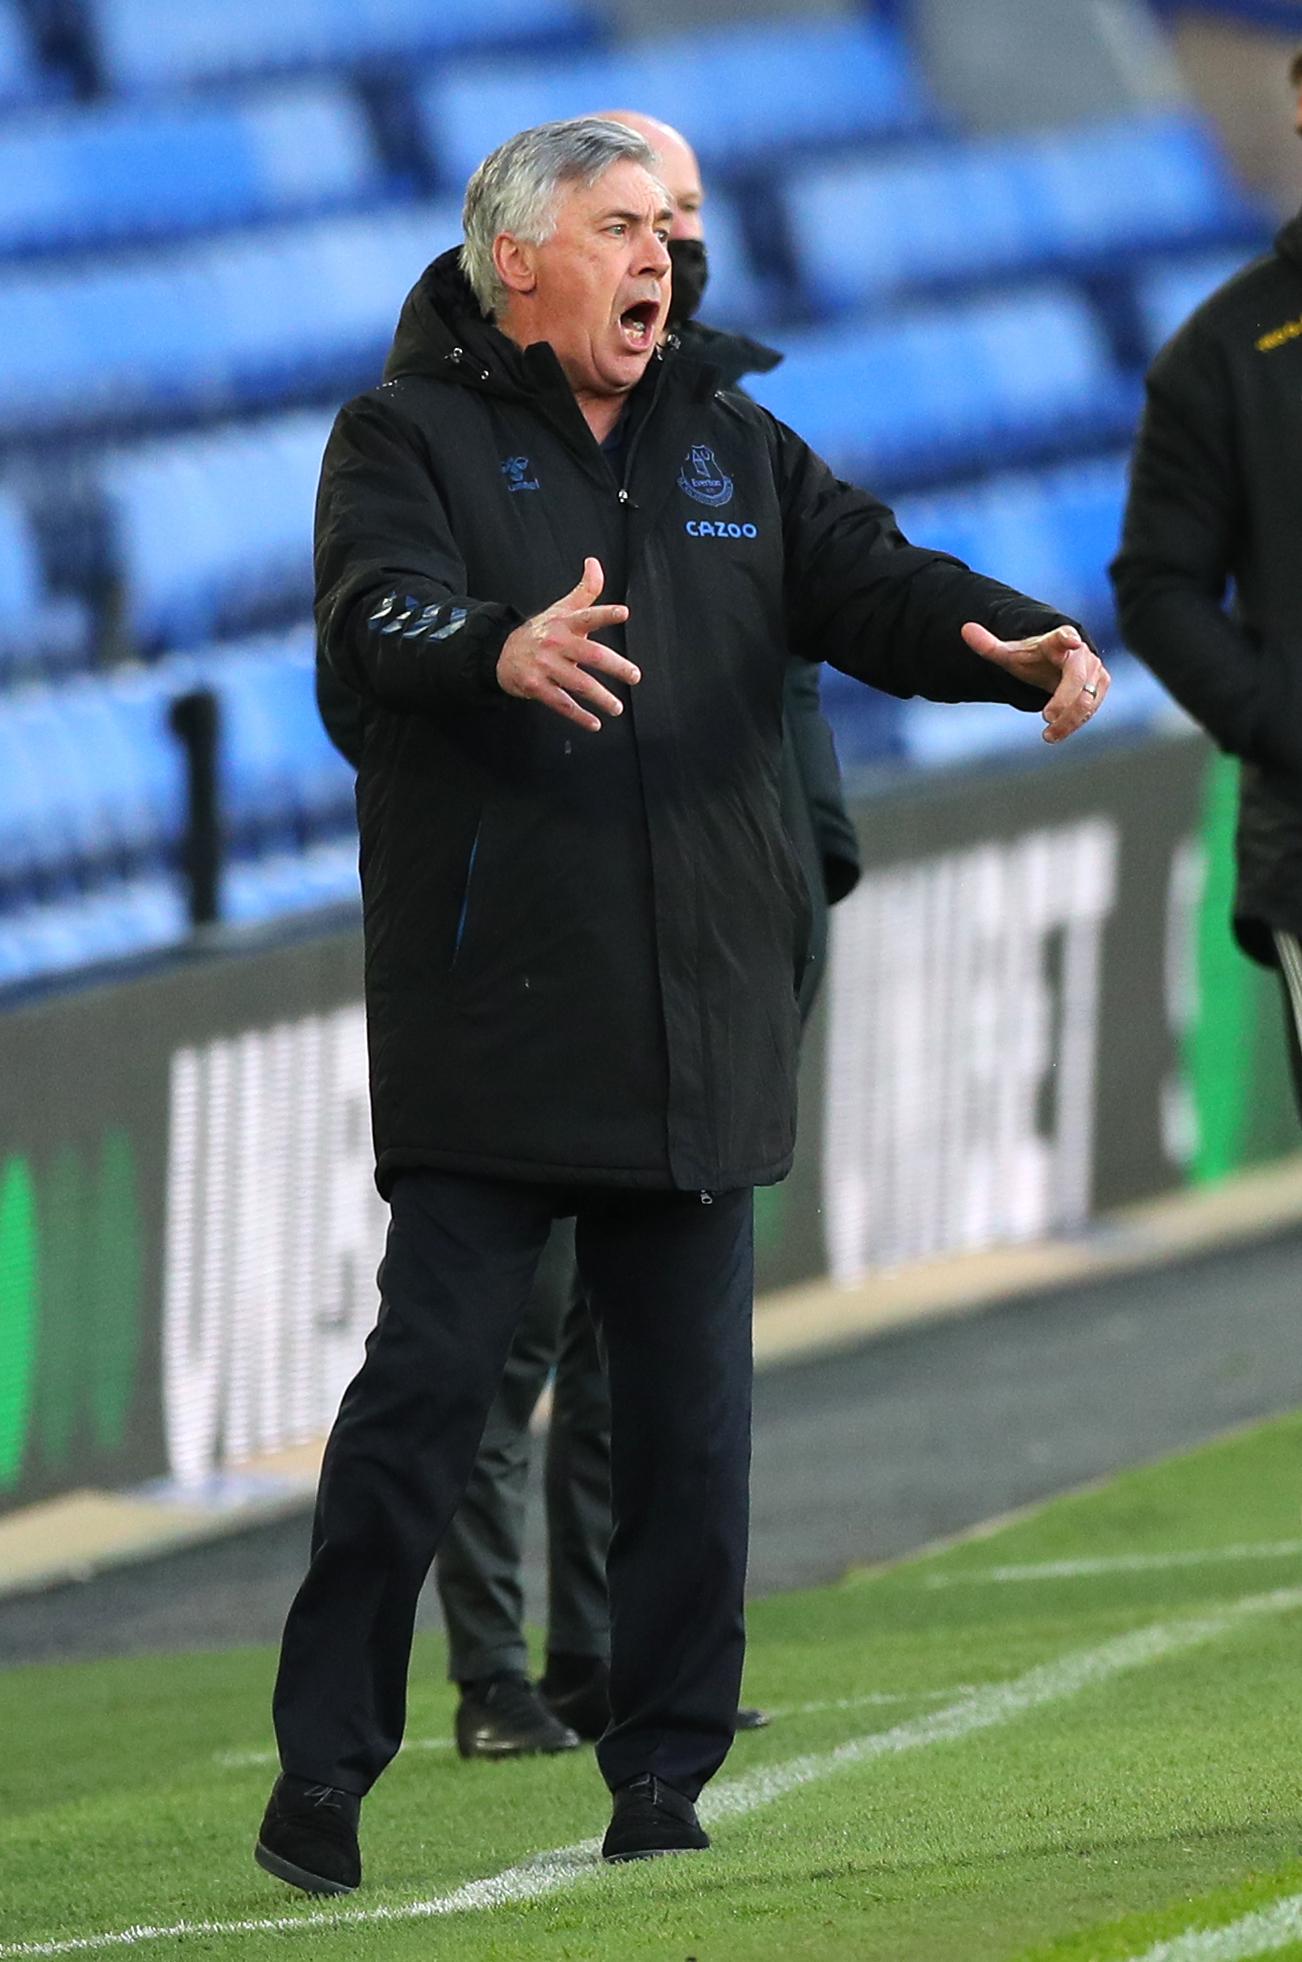 Everton v Sheffield United - Premier League - Goodison Park